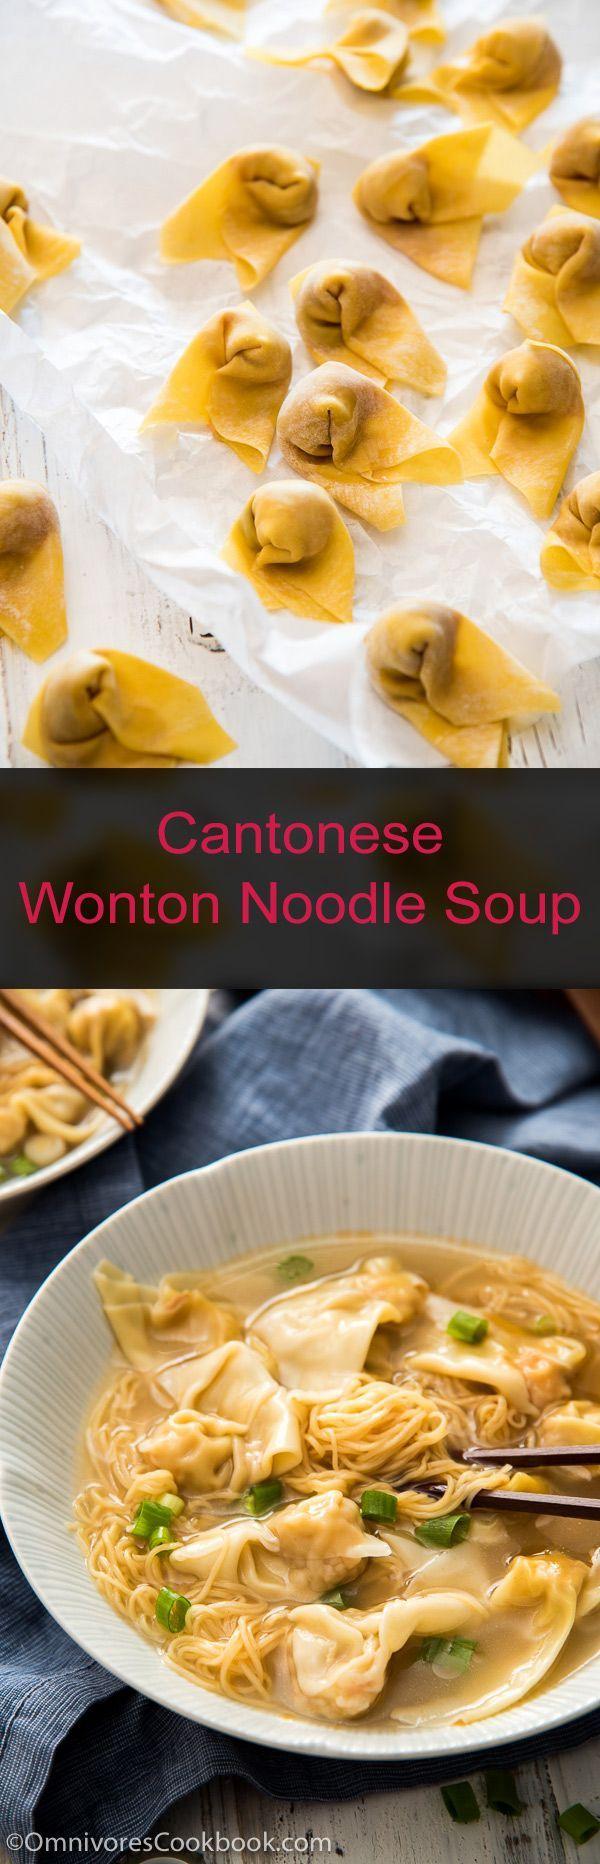 Blue apron wonton noodles - Cantonese Wonton Noodle Soup